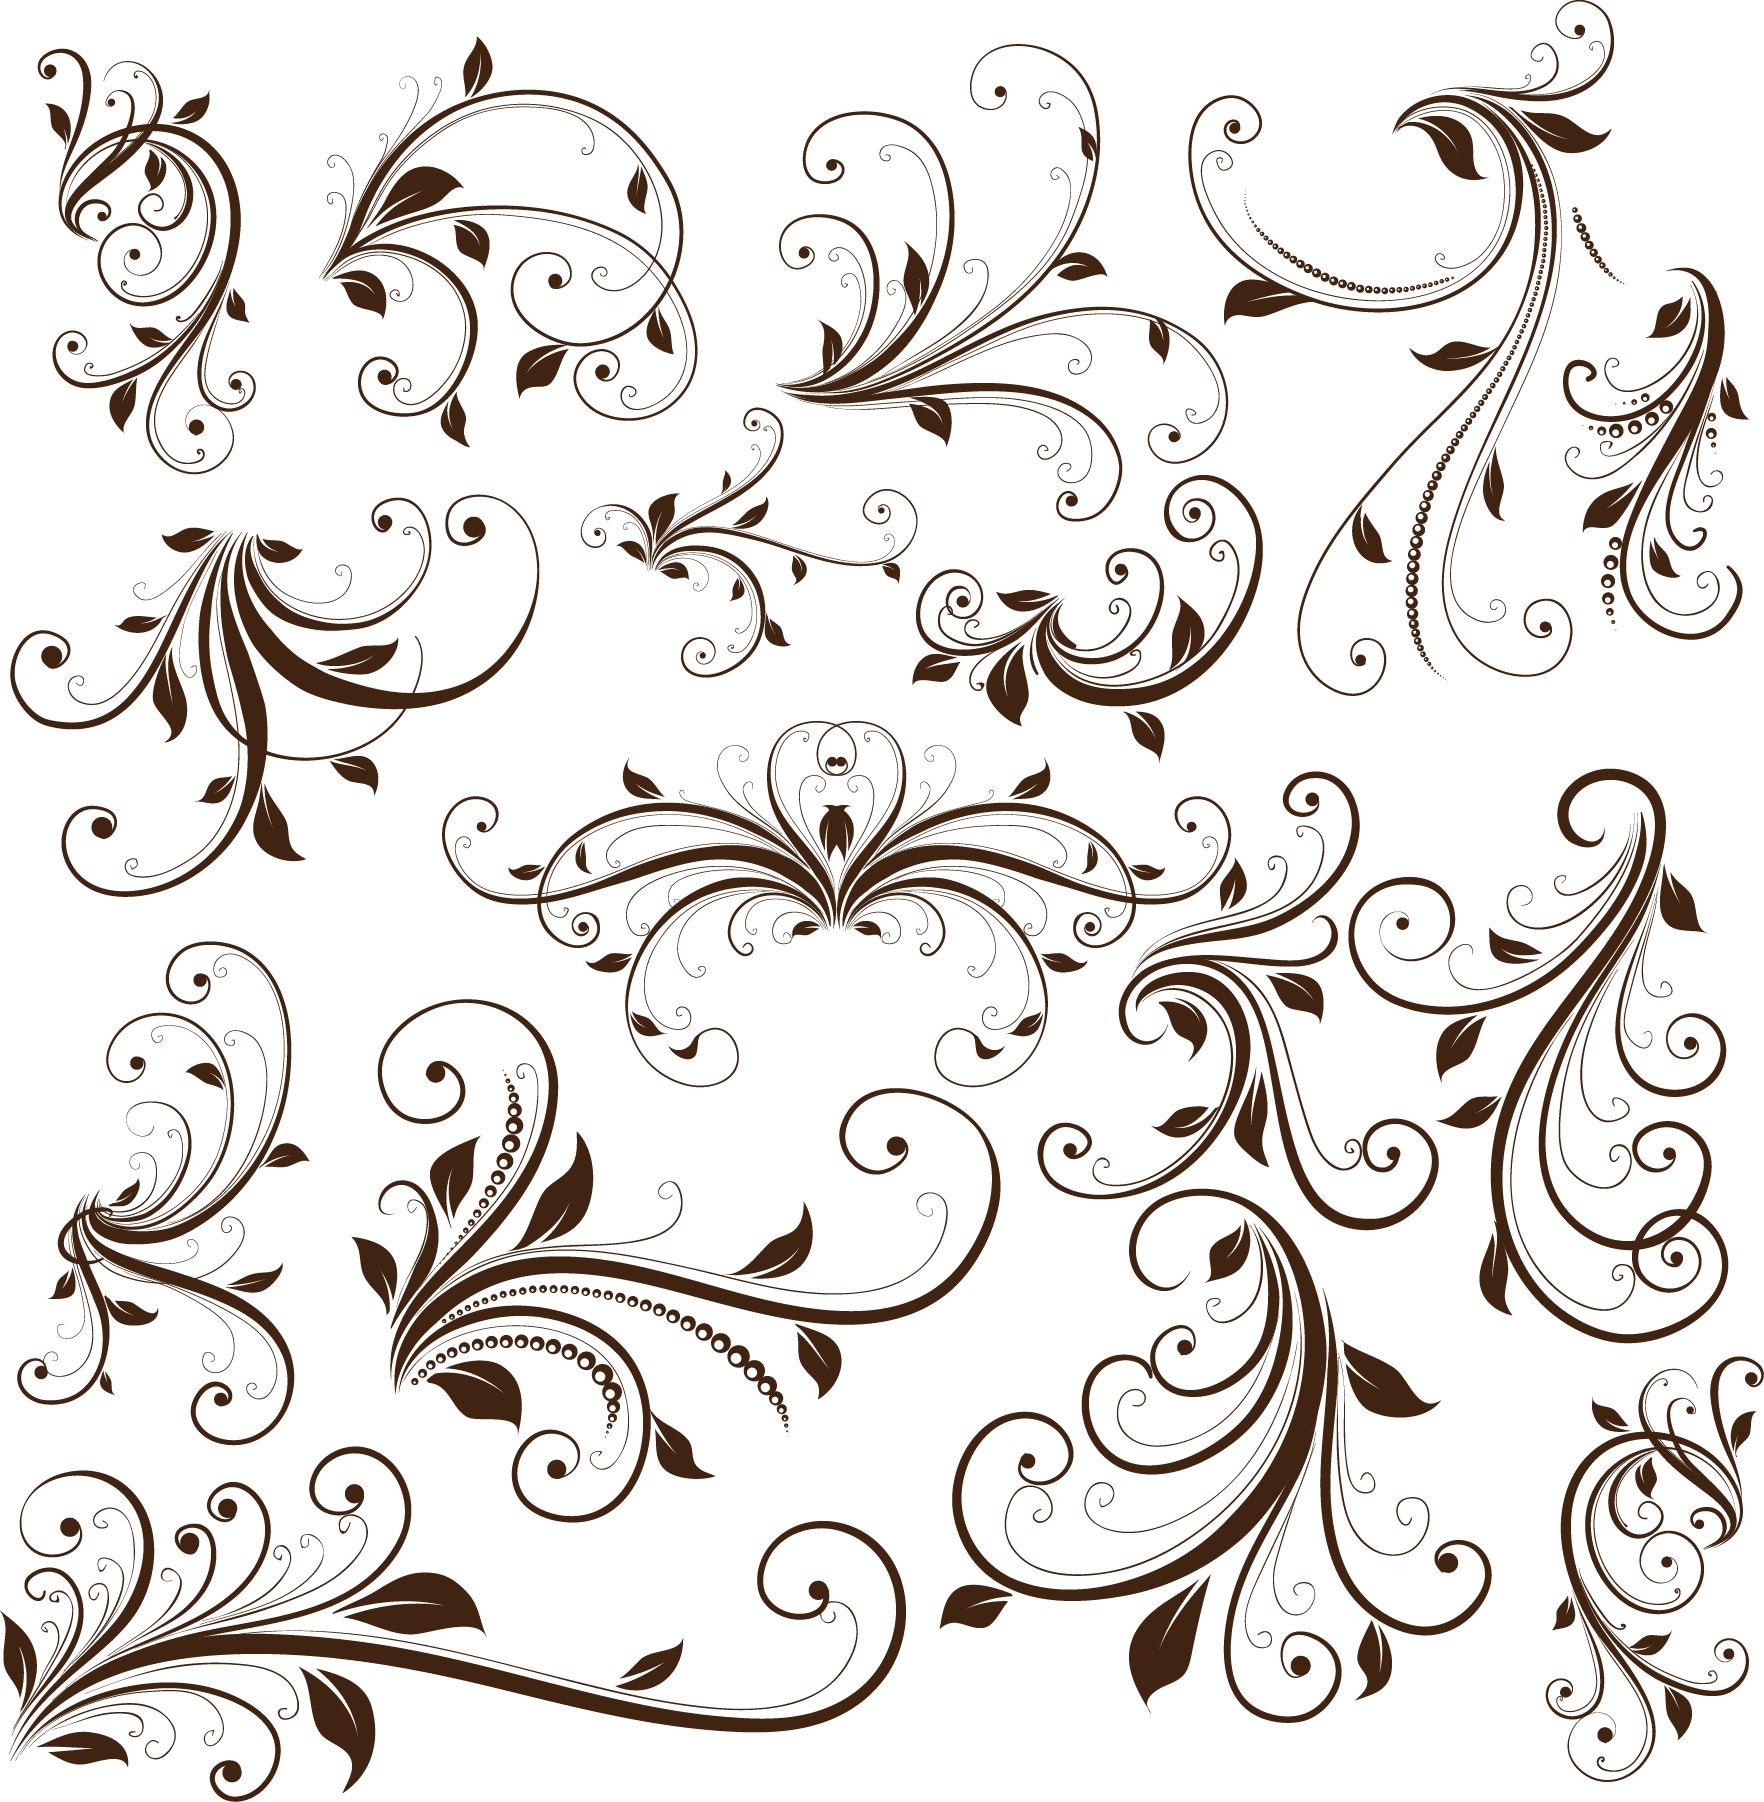 Element clipart floral decoration Vector Graphic Floral ART Vector